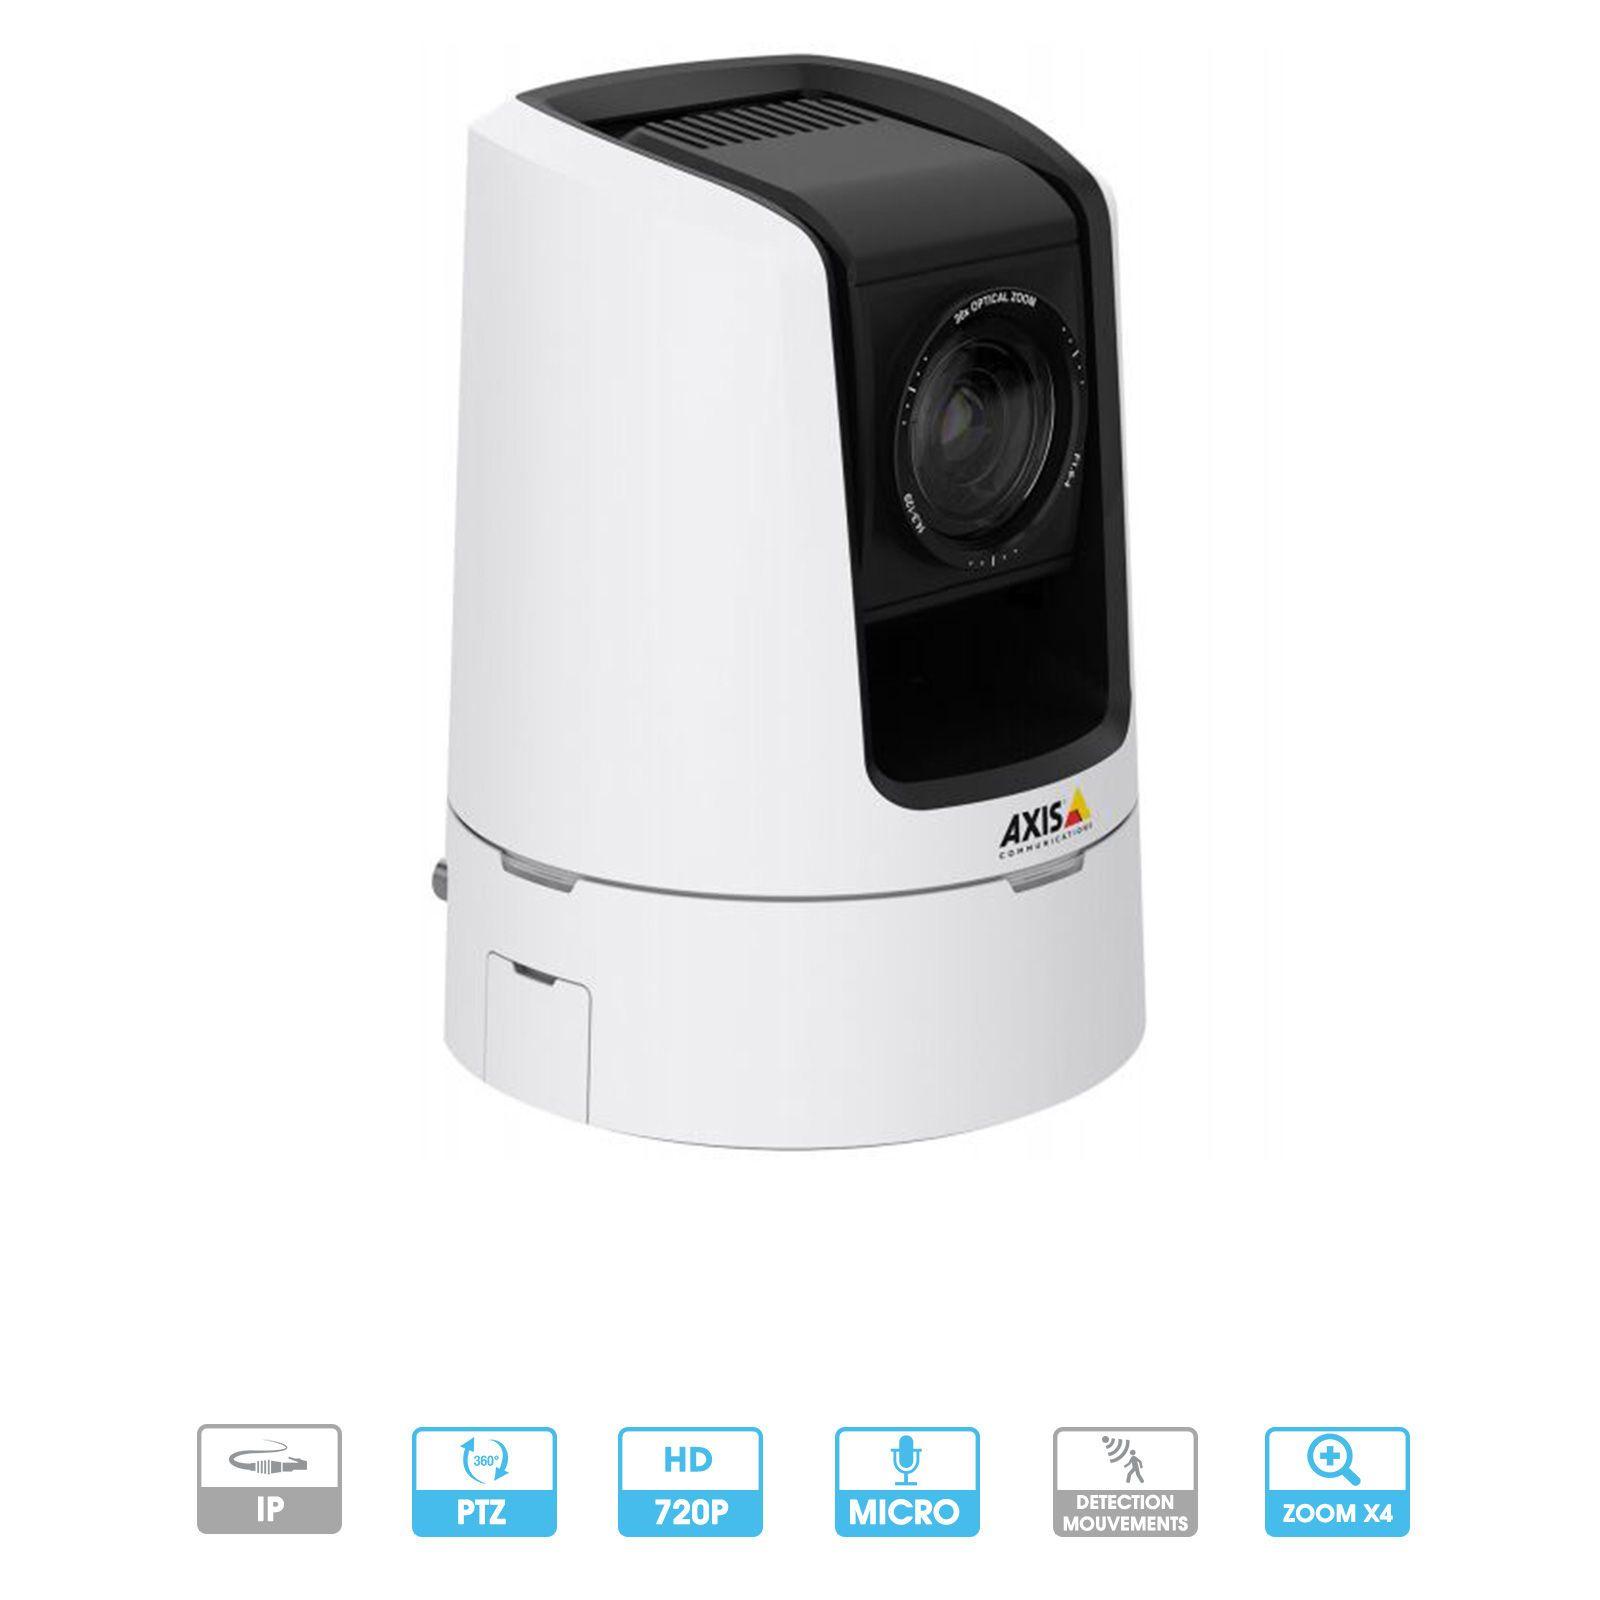 Caméra Axis Network | V5914 | 720 P | PTZ | IP | Intérieur | Spécial vidéoconférence